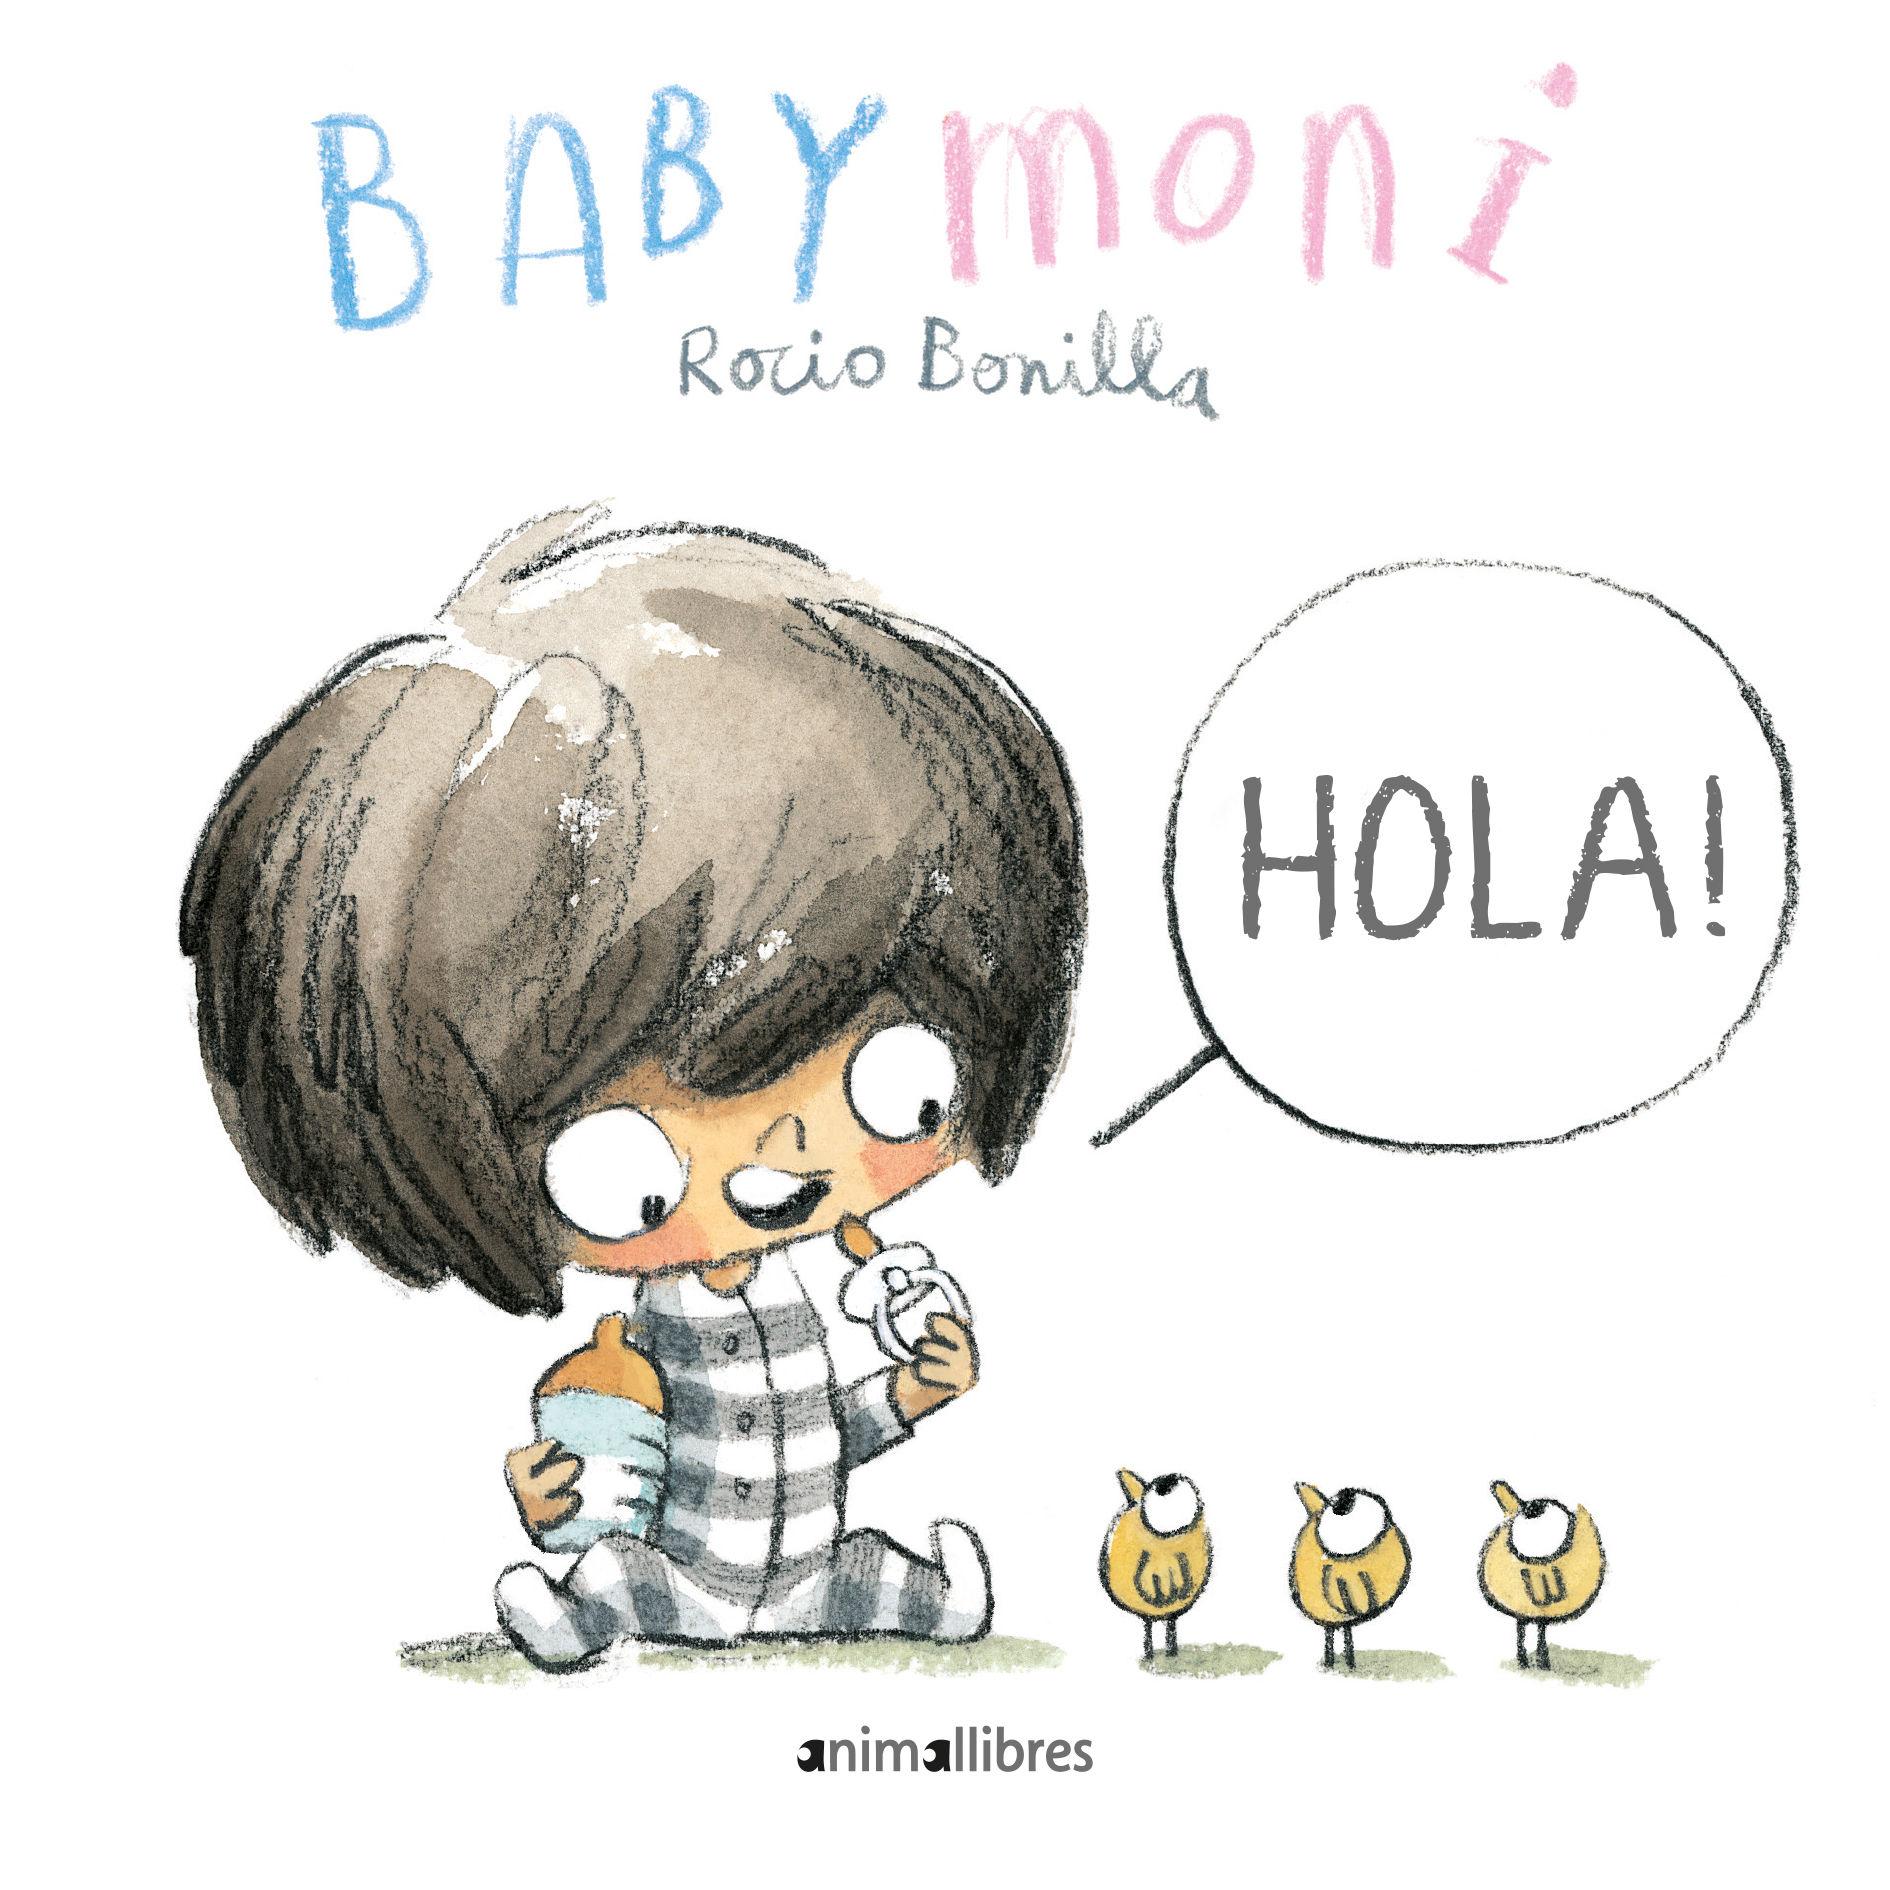 BABYMONI HOLA!